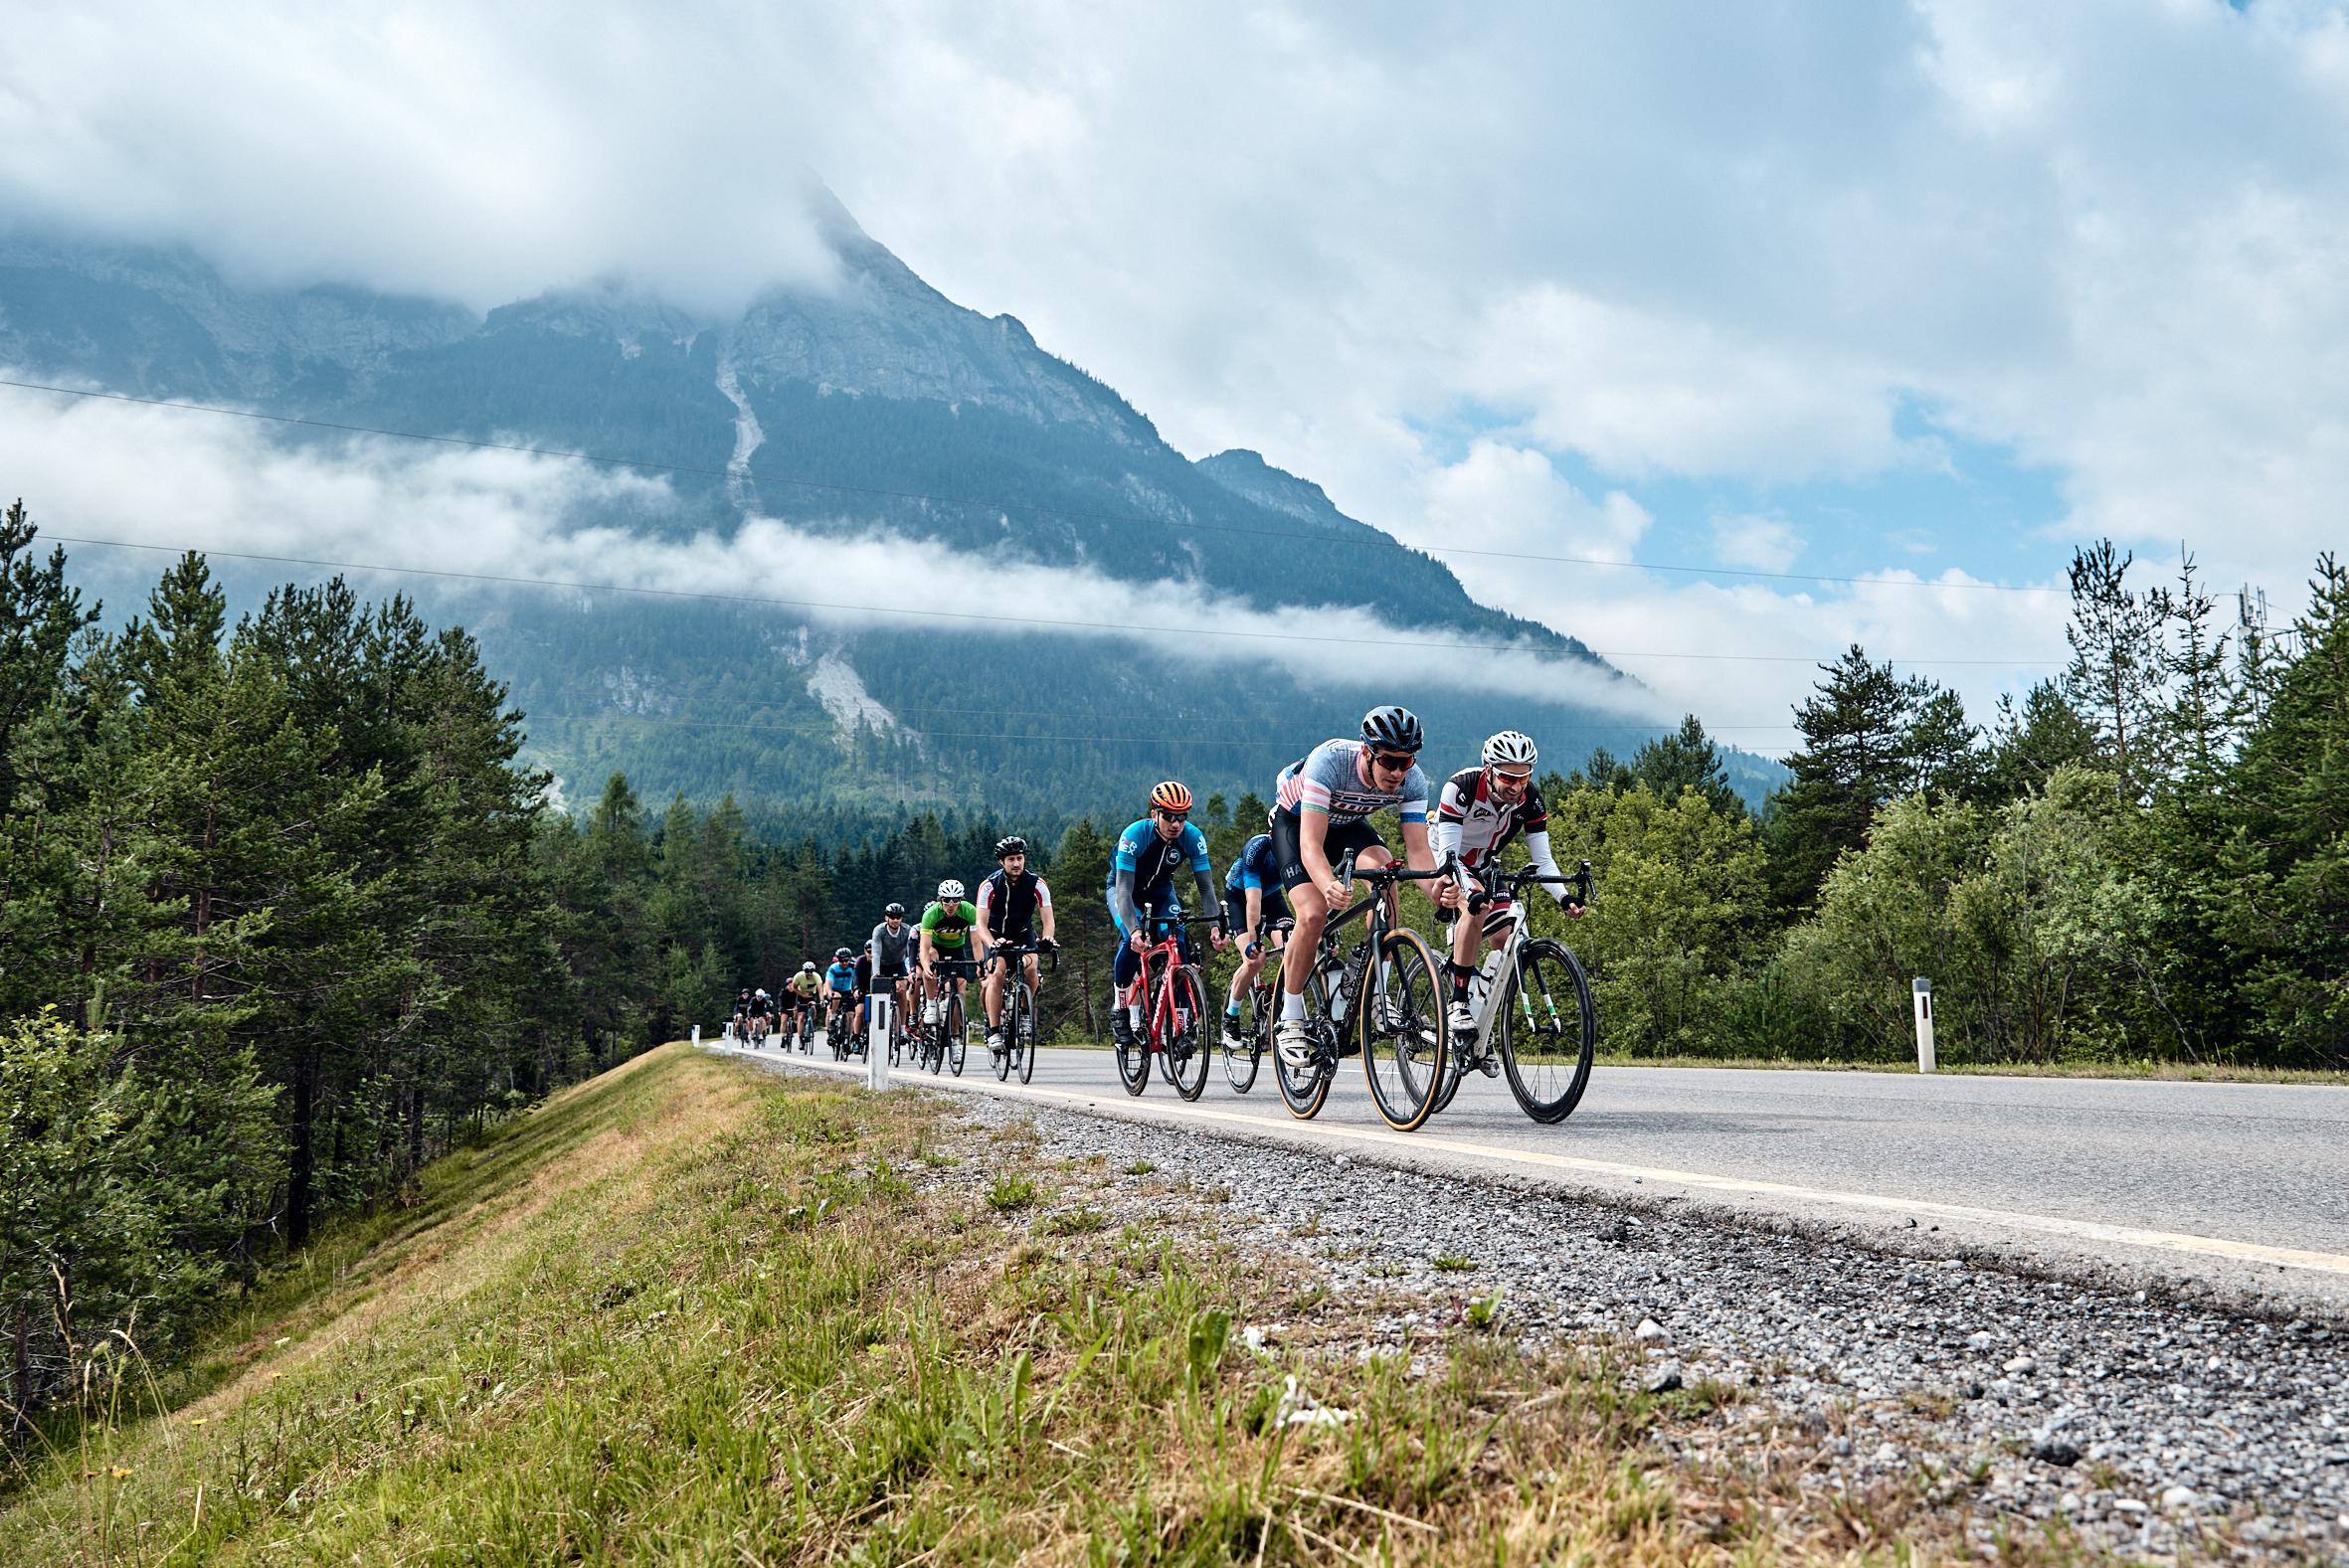 RAD RACE TOUR DE FRIENDS pic by Bjoern Reschabek